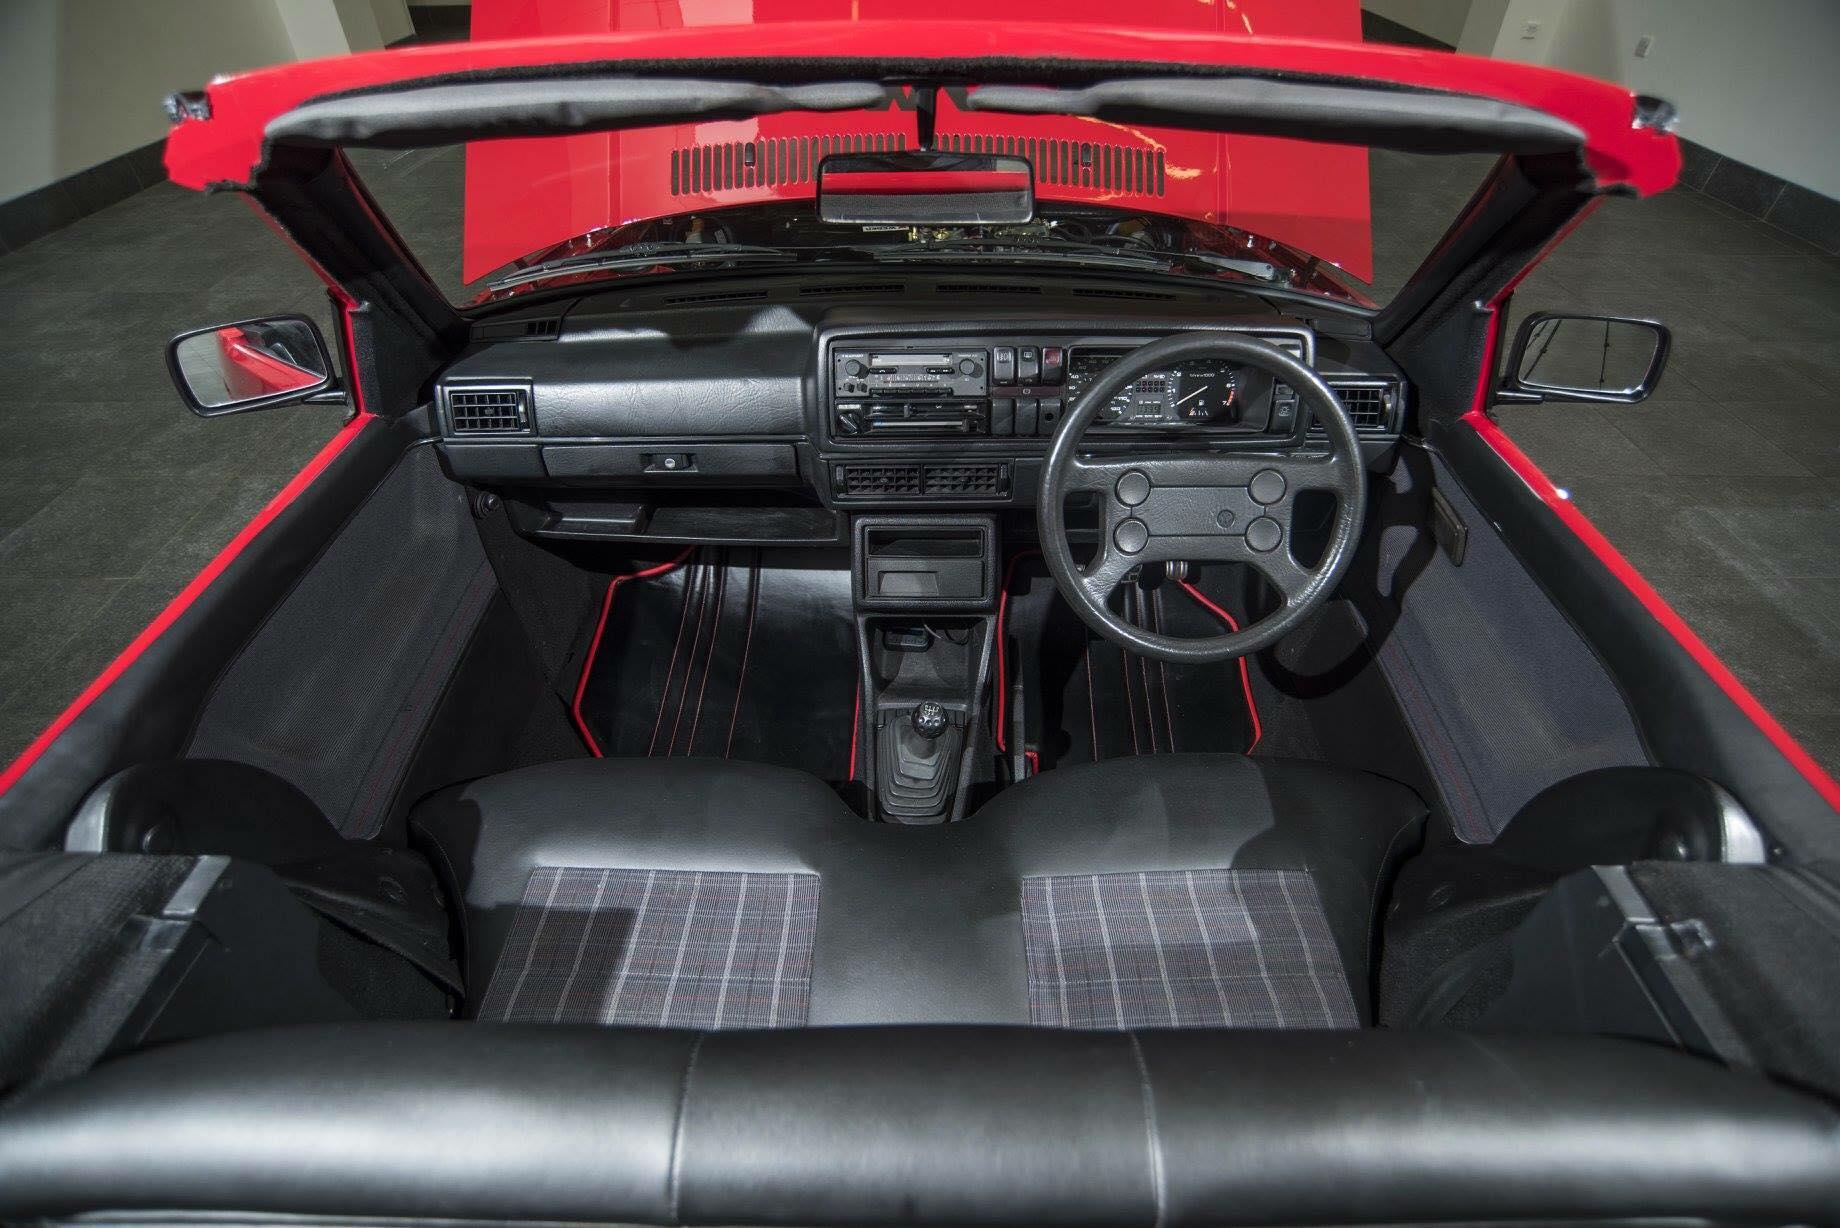 British Garage Converts Volkswagen Golf 2 GTI To Very Short Wheelbase Cabrio - autoevolution